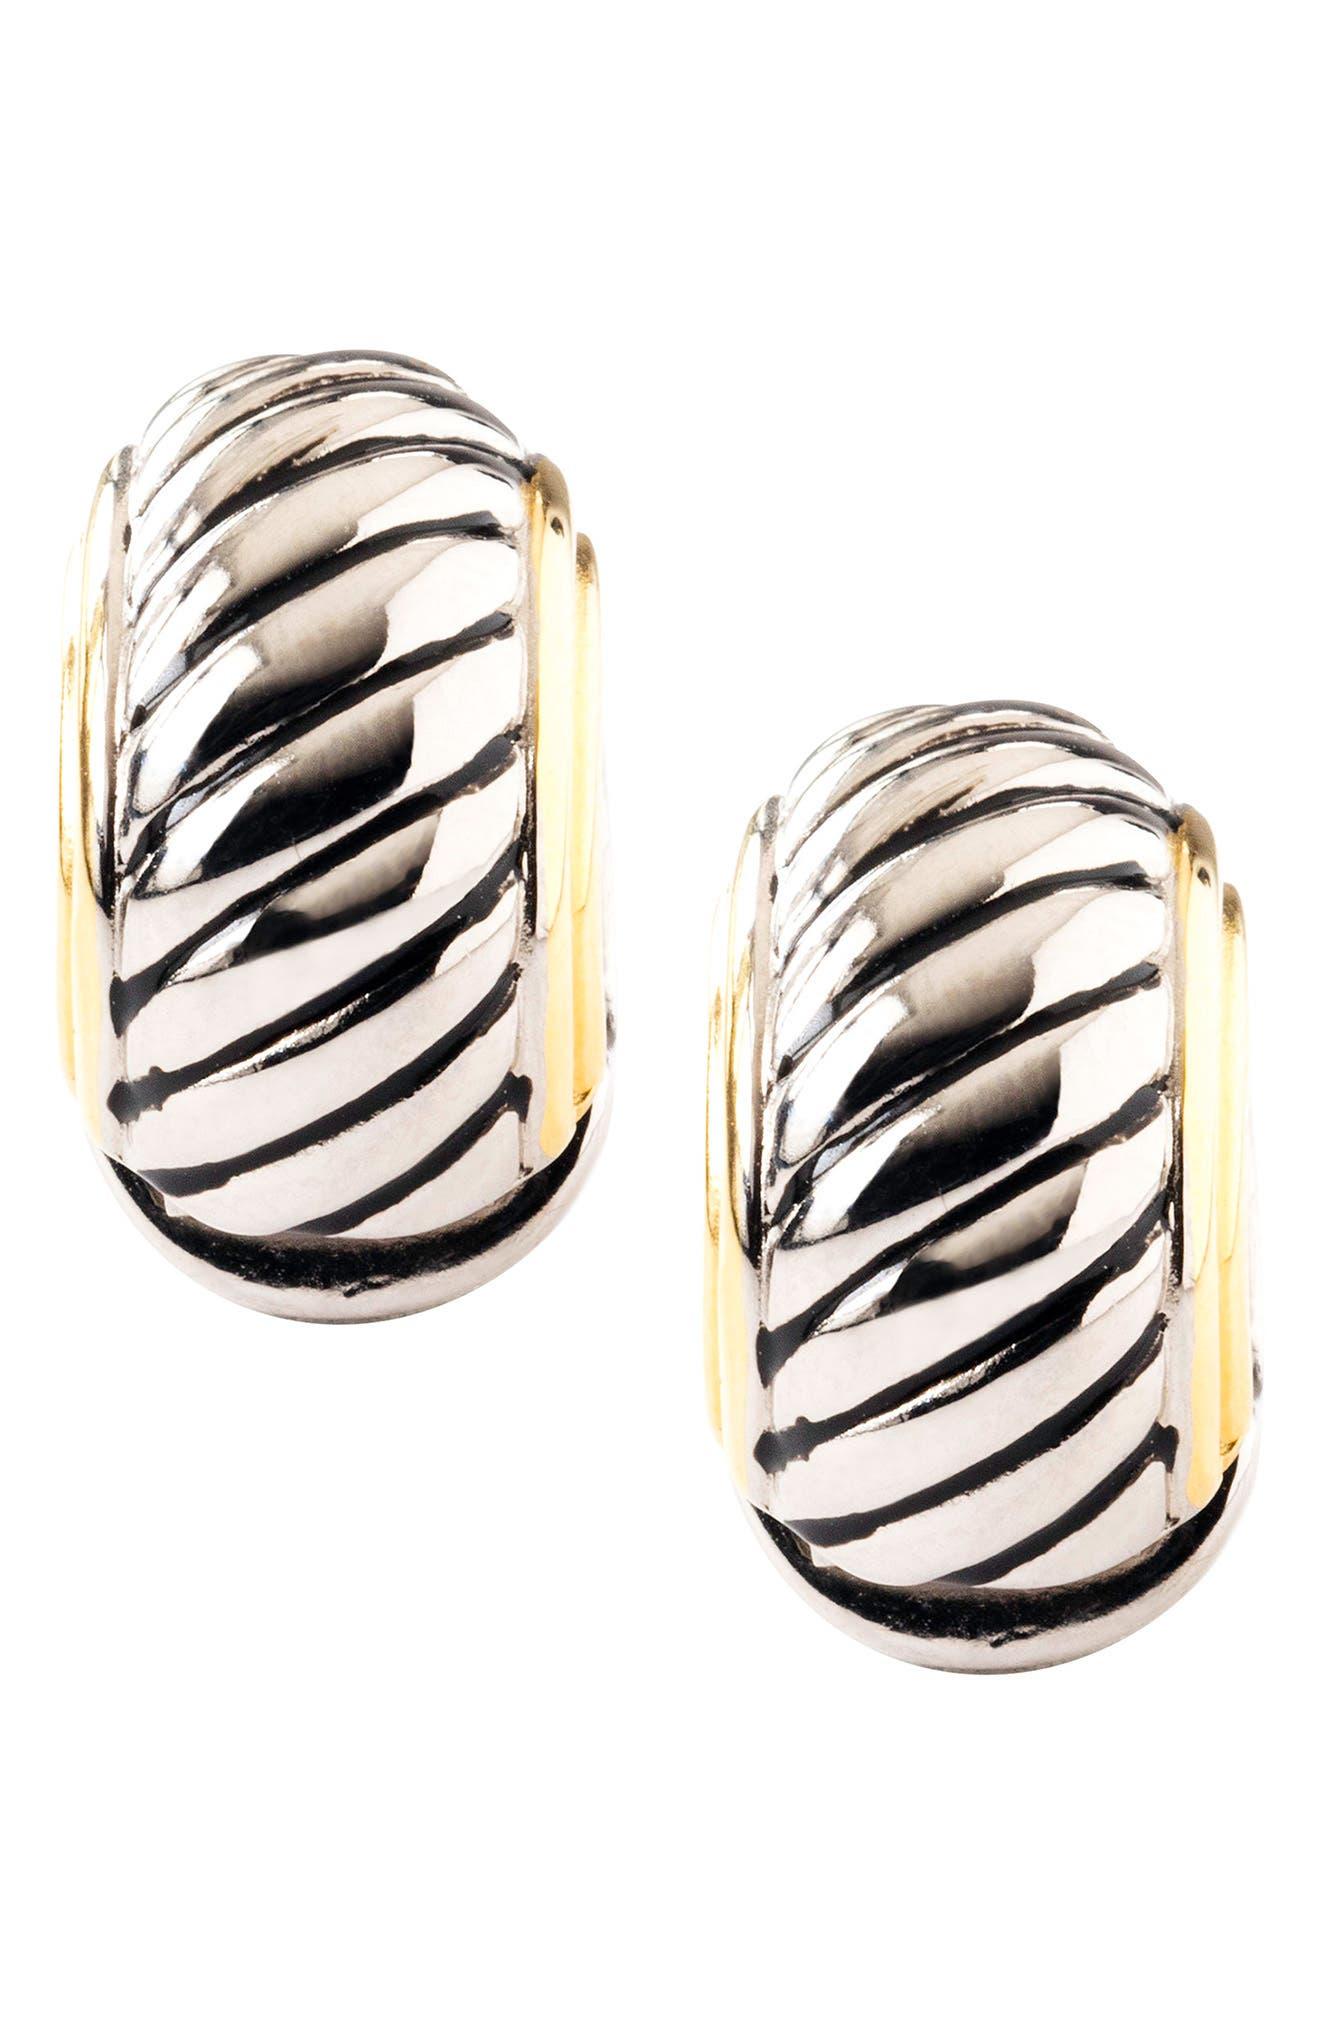 ERWIN PEARL Diagonal Ridge Metallic Reversible Earrings, Main, color, SILVER/ GOLD